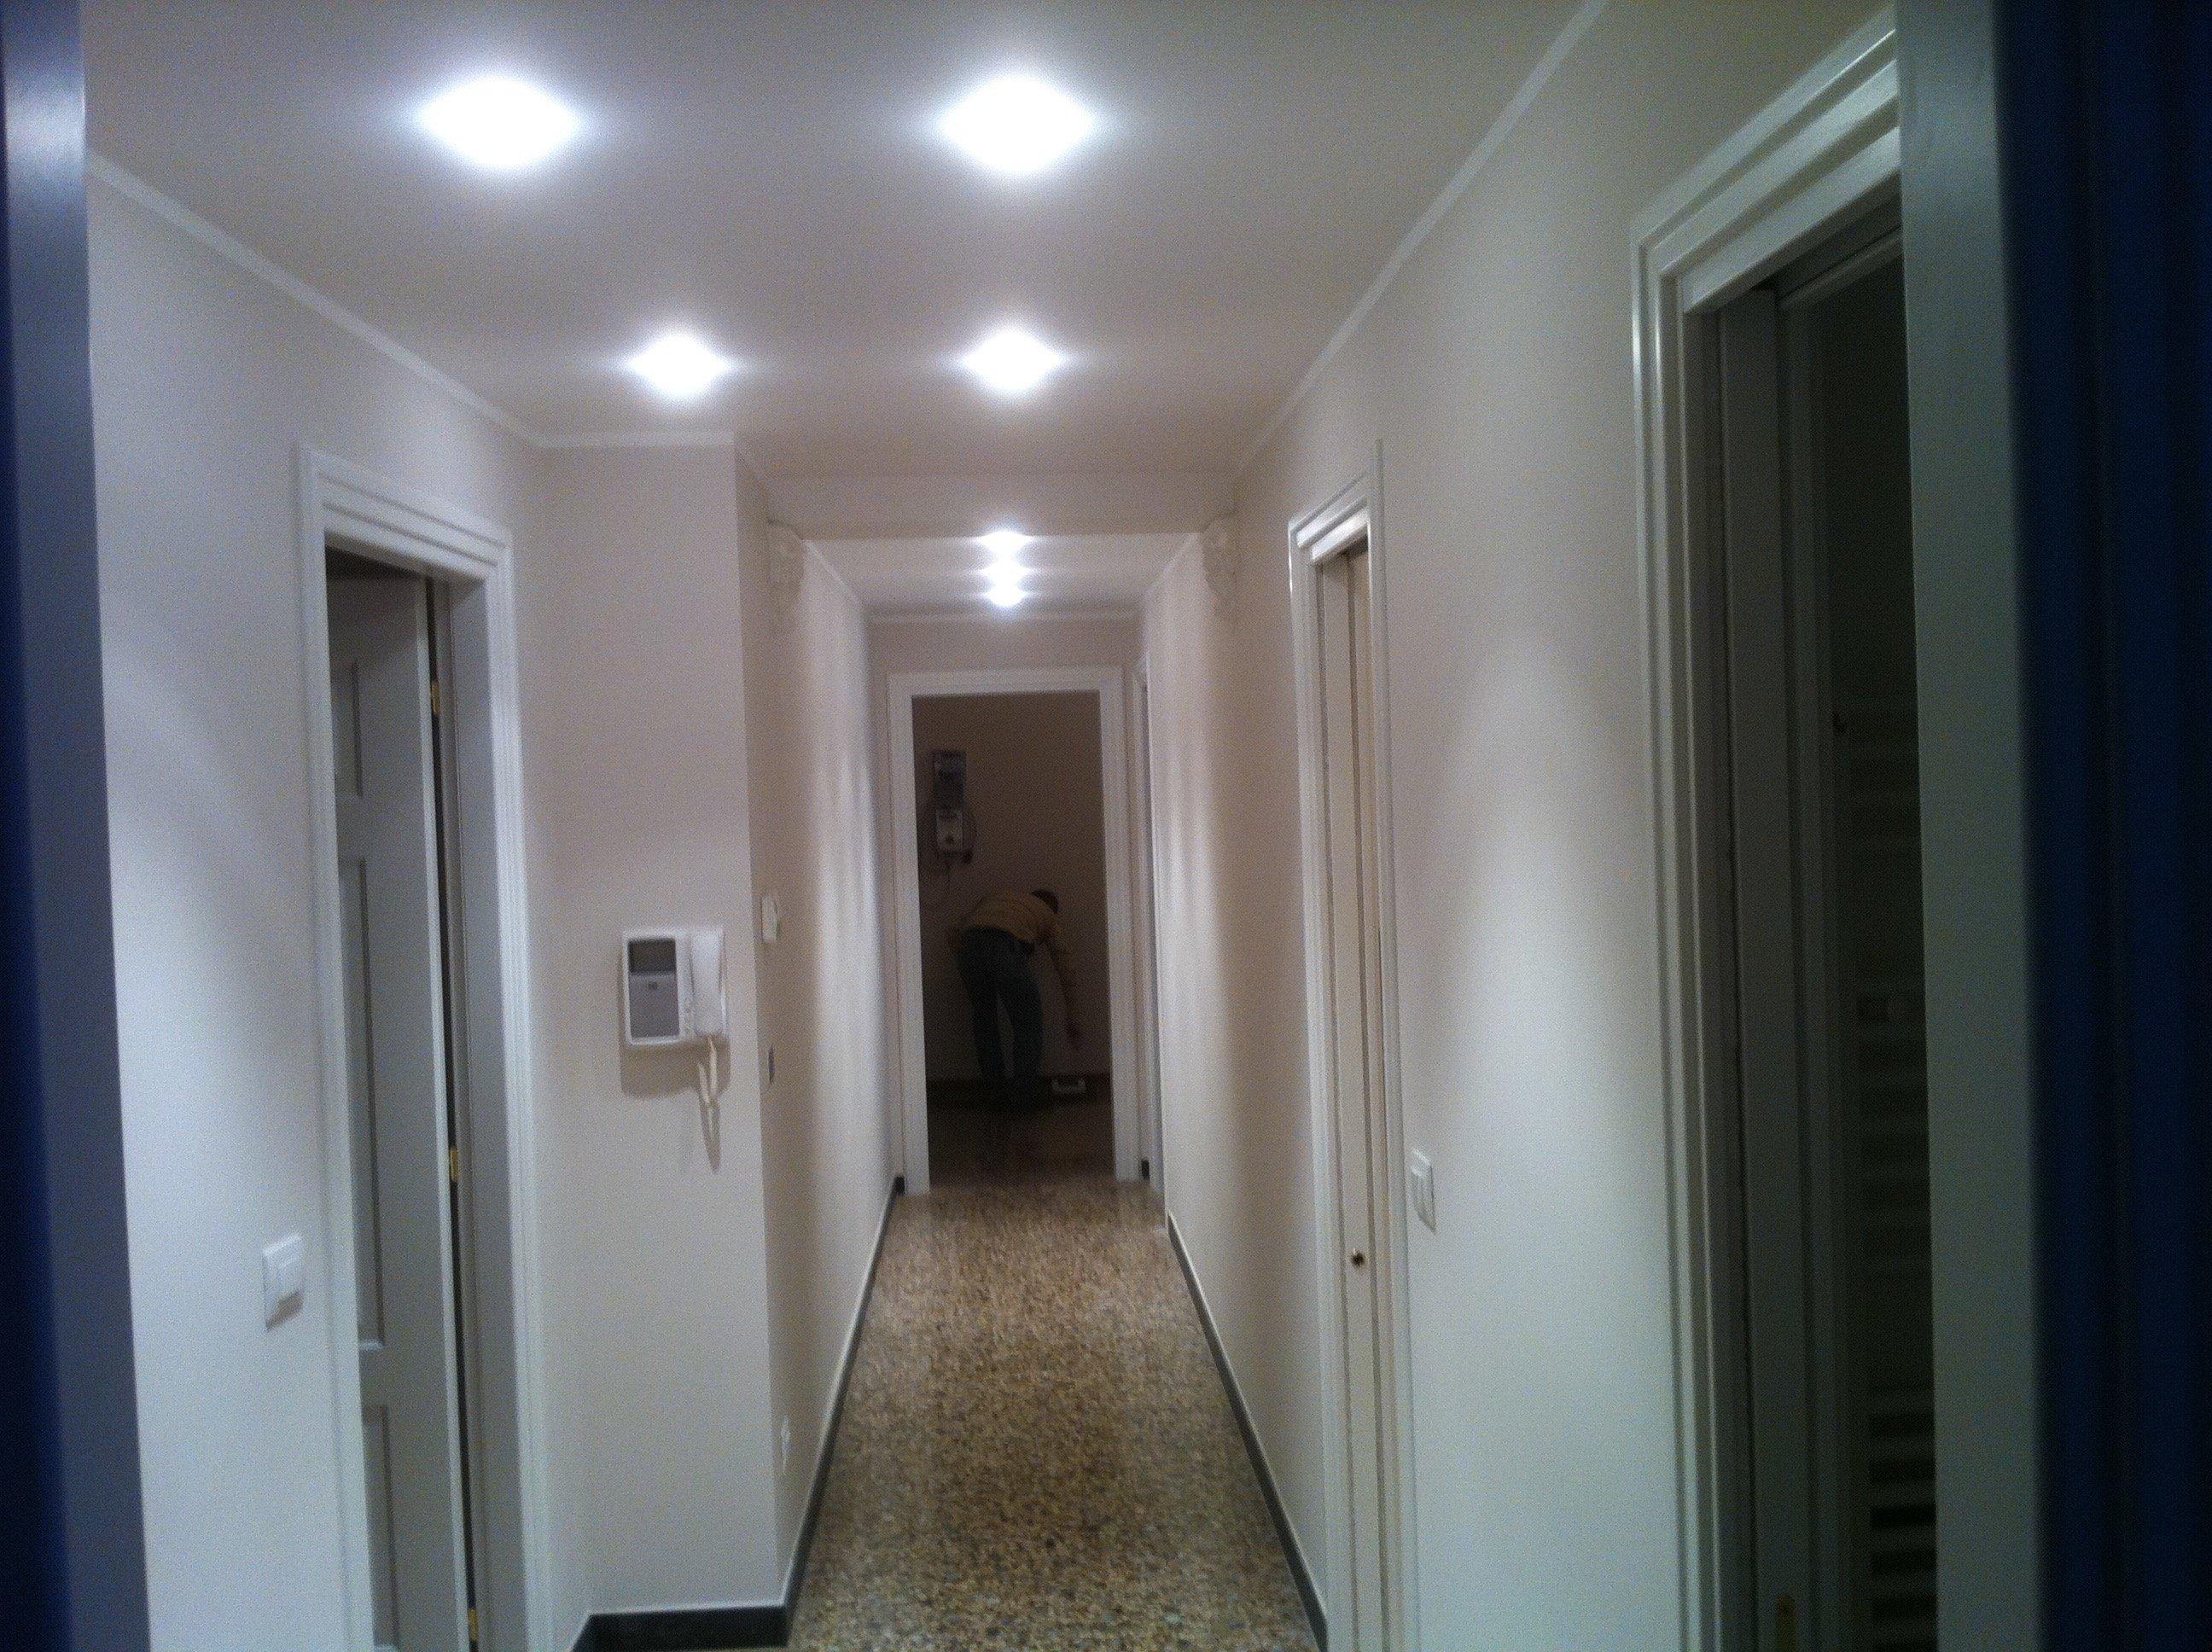 Corridoio interno con pareti bianche e controsoffitto illuminato